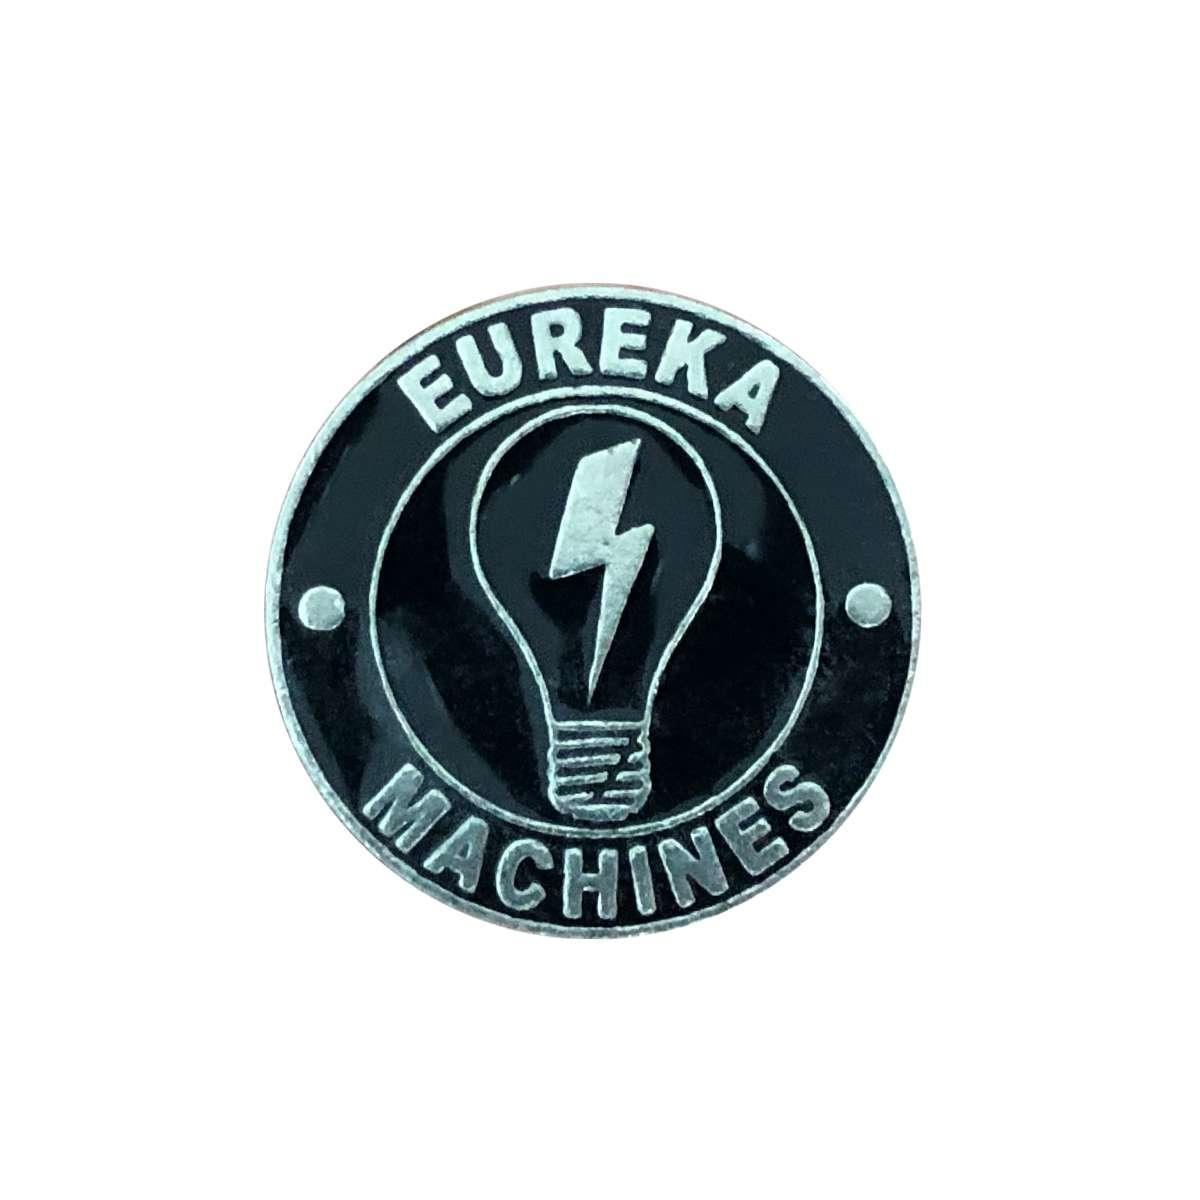 Bulb and Logo Enamel Badges - Eureka Machines